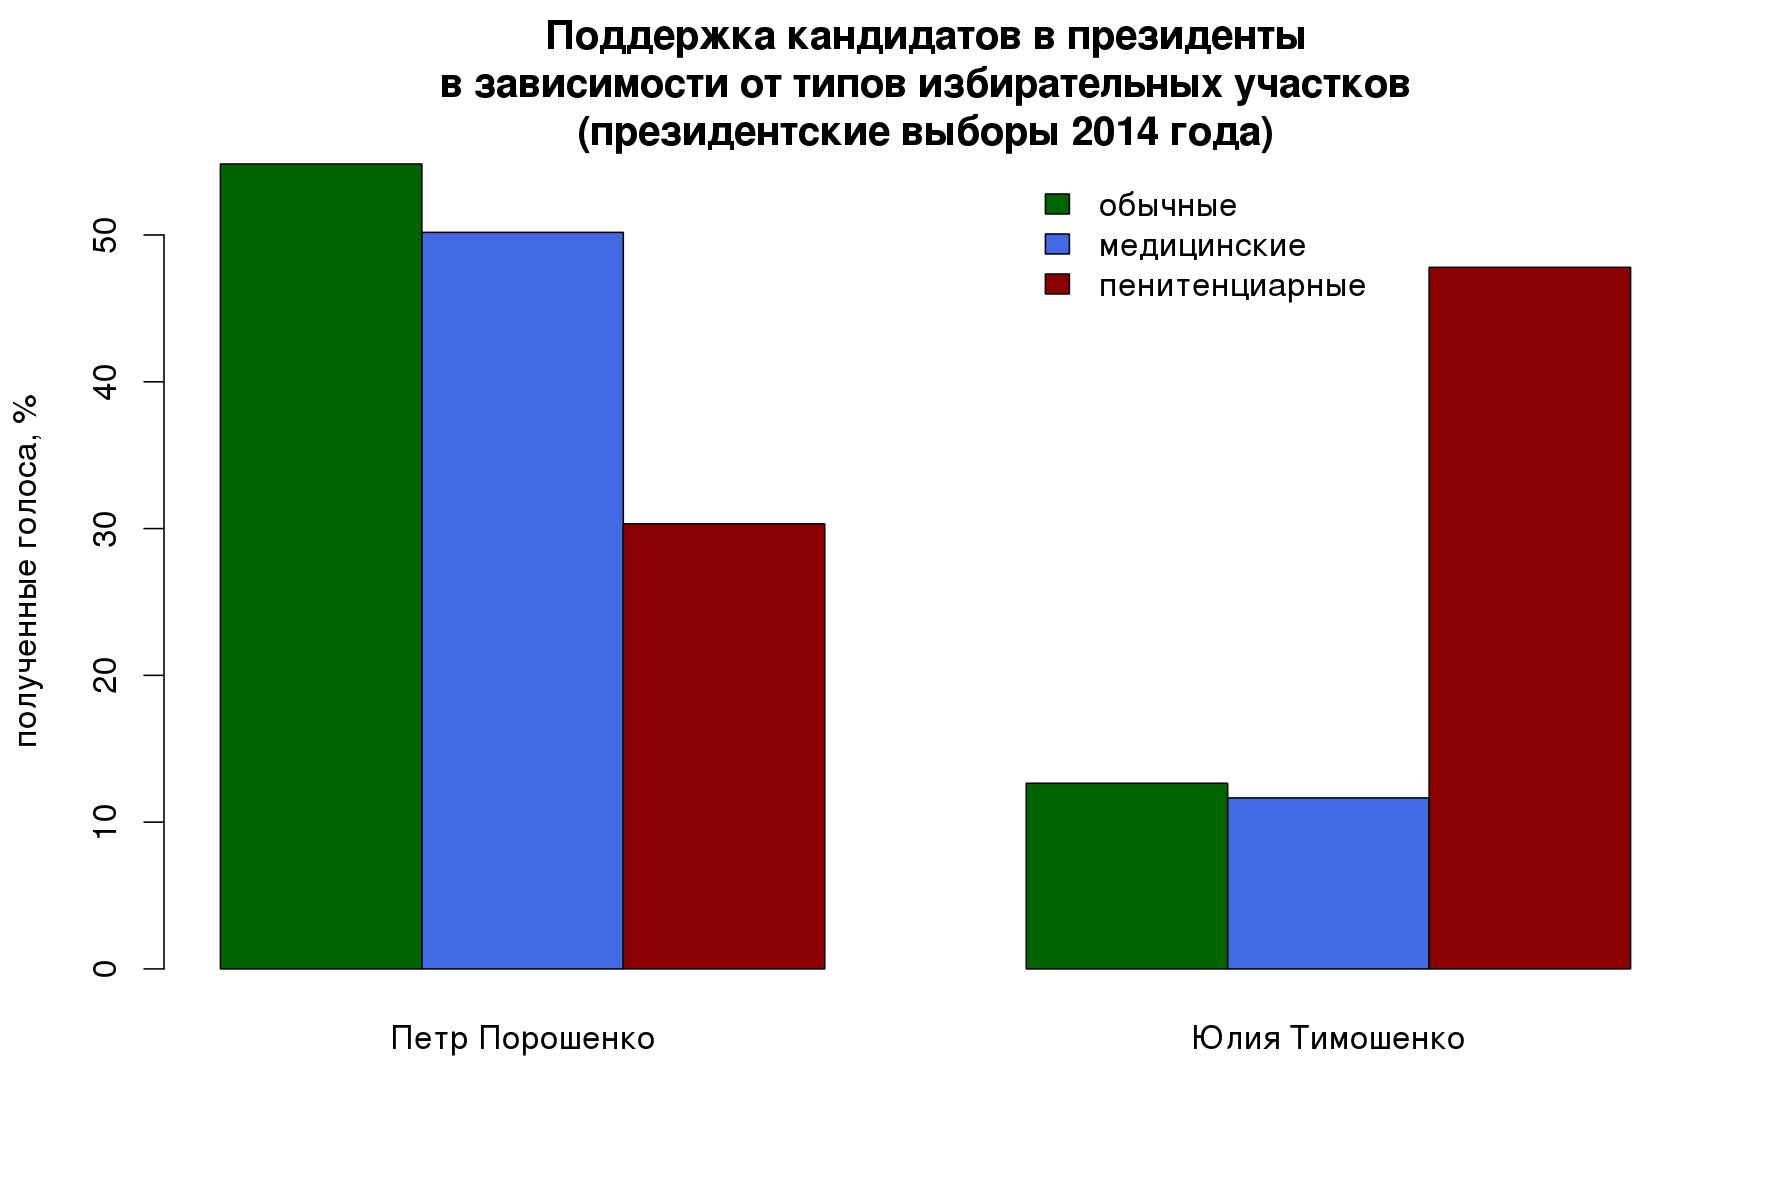 Поддержка кандидатов в президенты в зависимости от типов избирательных участков (президентские выборы 2014 года)